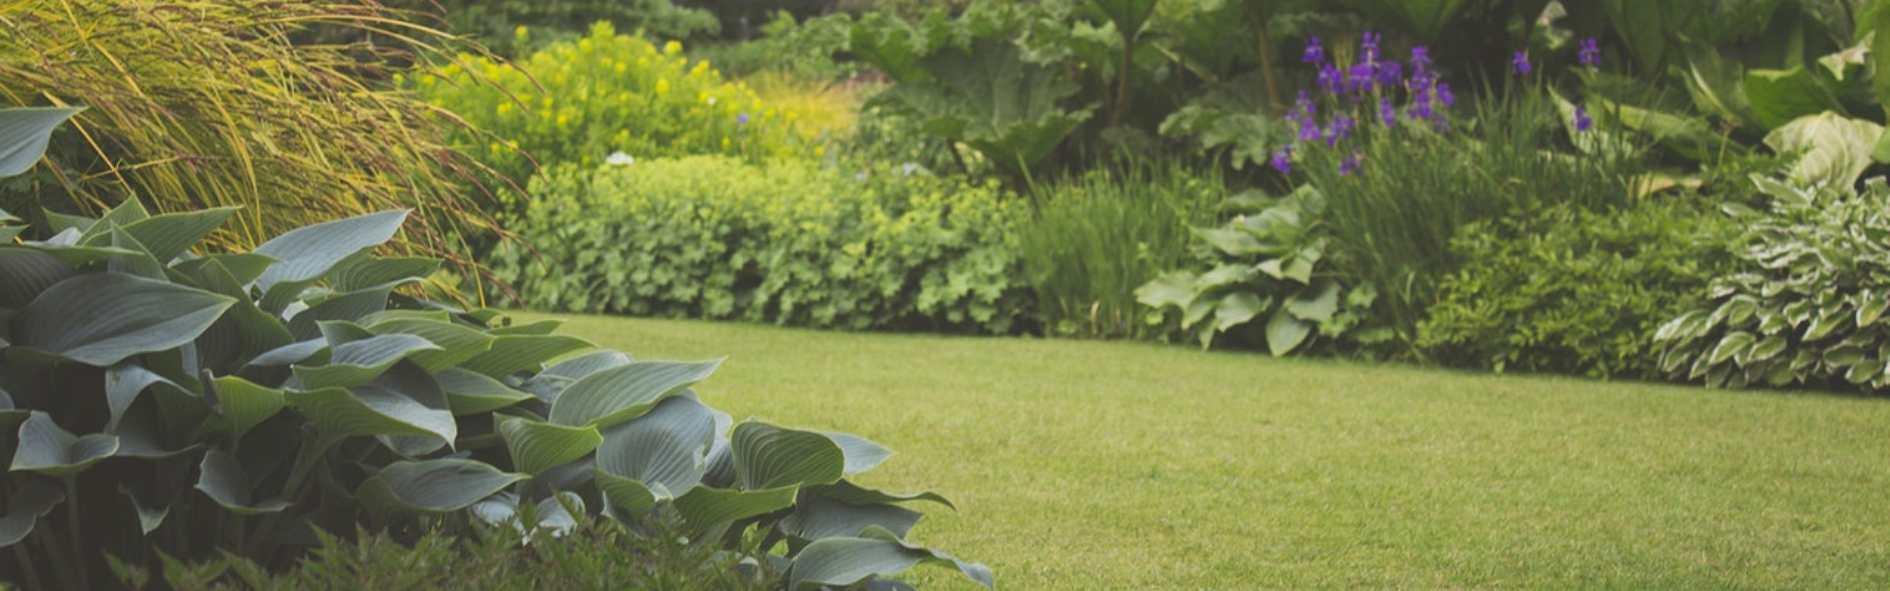 Cómo diseñar un jardín a través de estos sencillos pasos